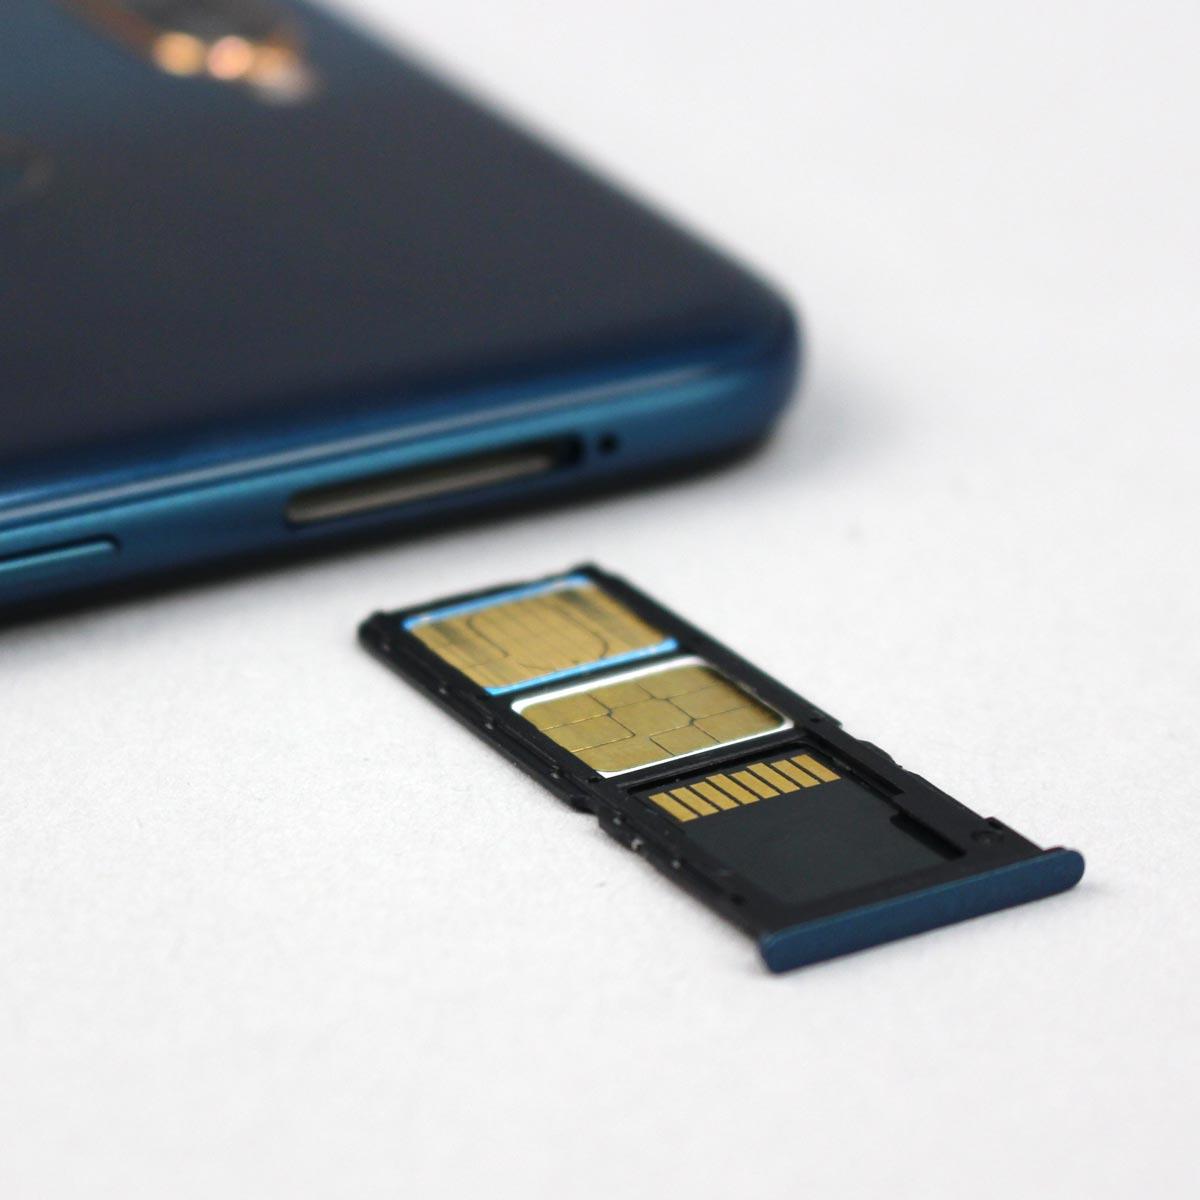 2枚のSIMカードを自在に使い分けられる、DSDV対応スマホカタログ(2019年11月更新)